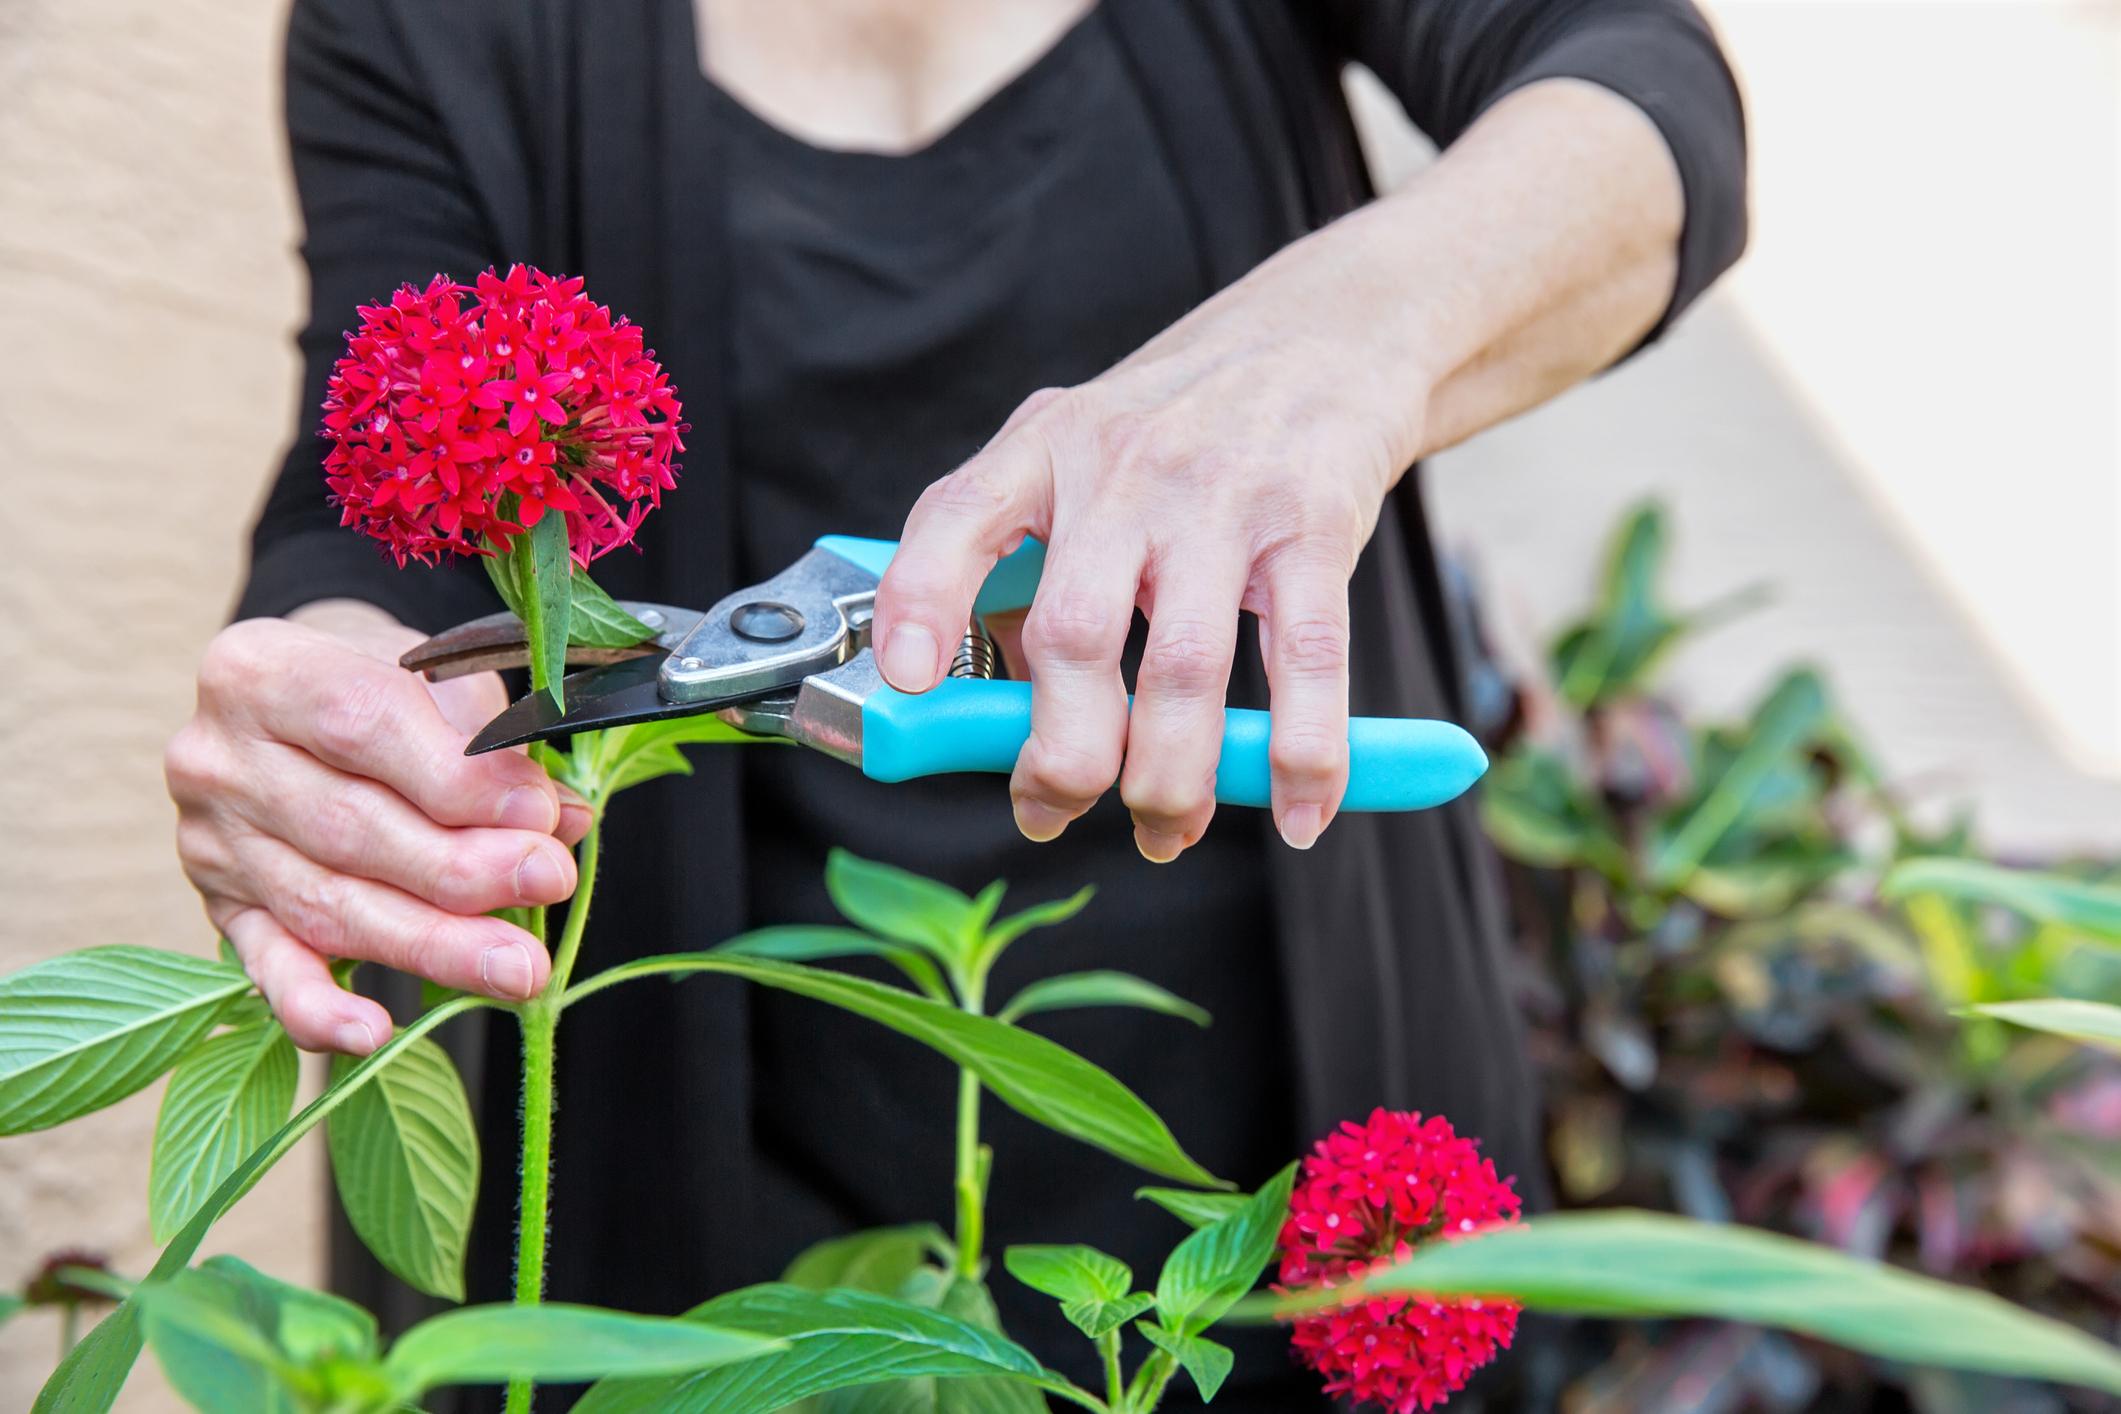 fájdalom és ropogás a kéz kis ízületeiben új artróziskezelés